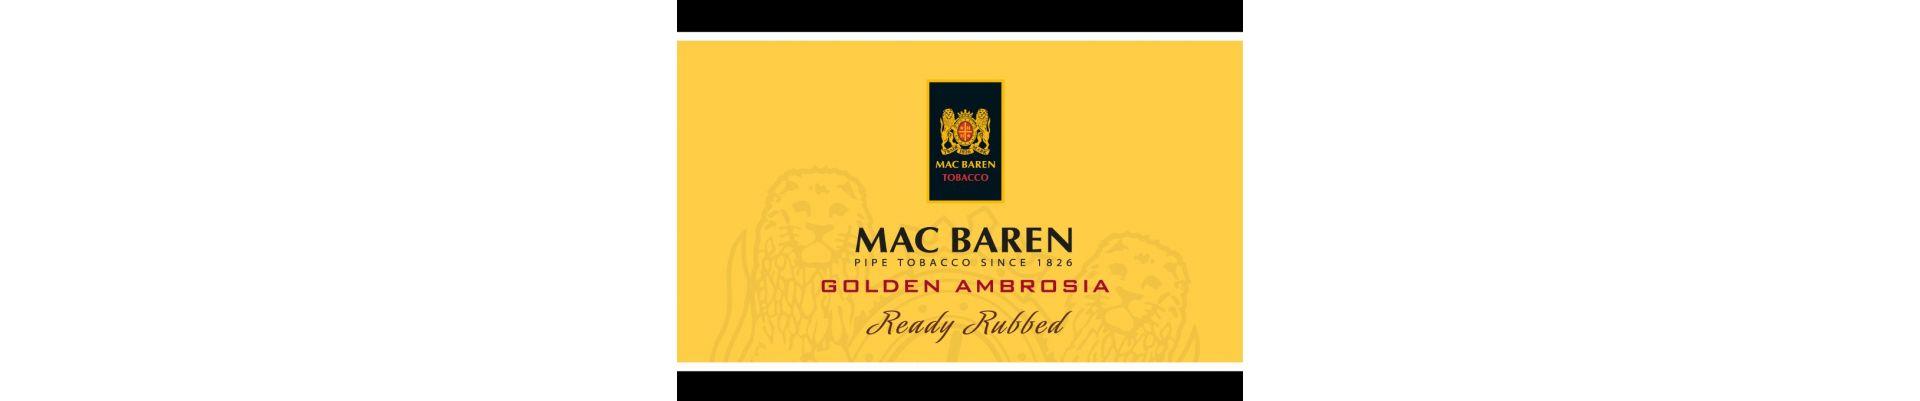 Tutun pentru pipa Mac Baren.Magazin tutun pentru pipa Mac Baren cu livrare oriunde in Romania.